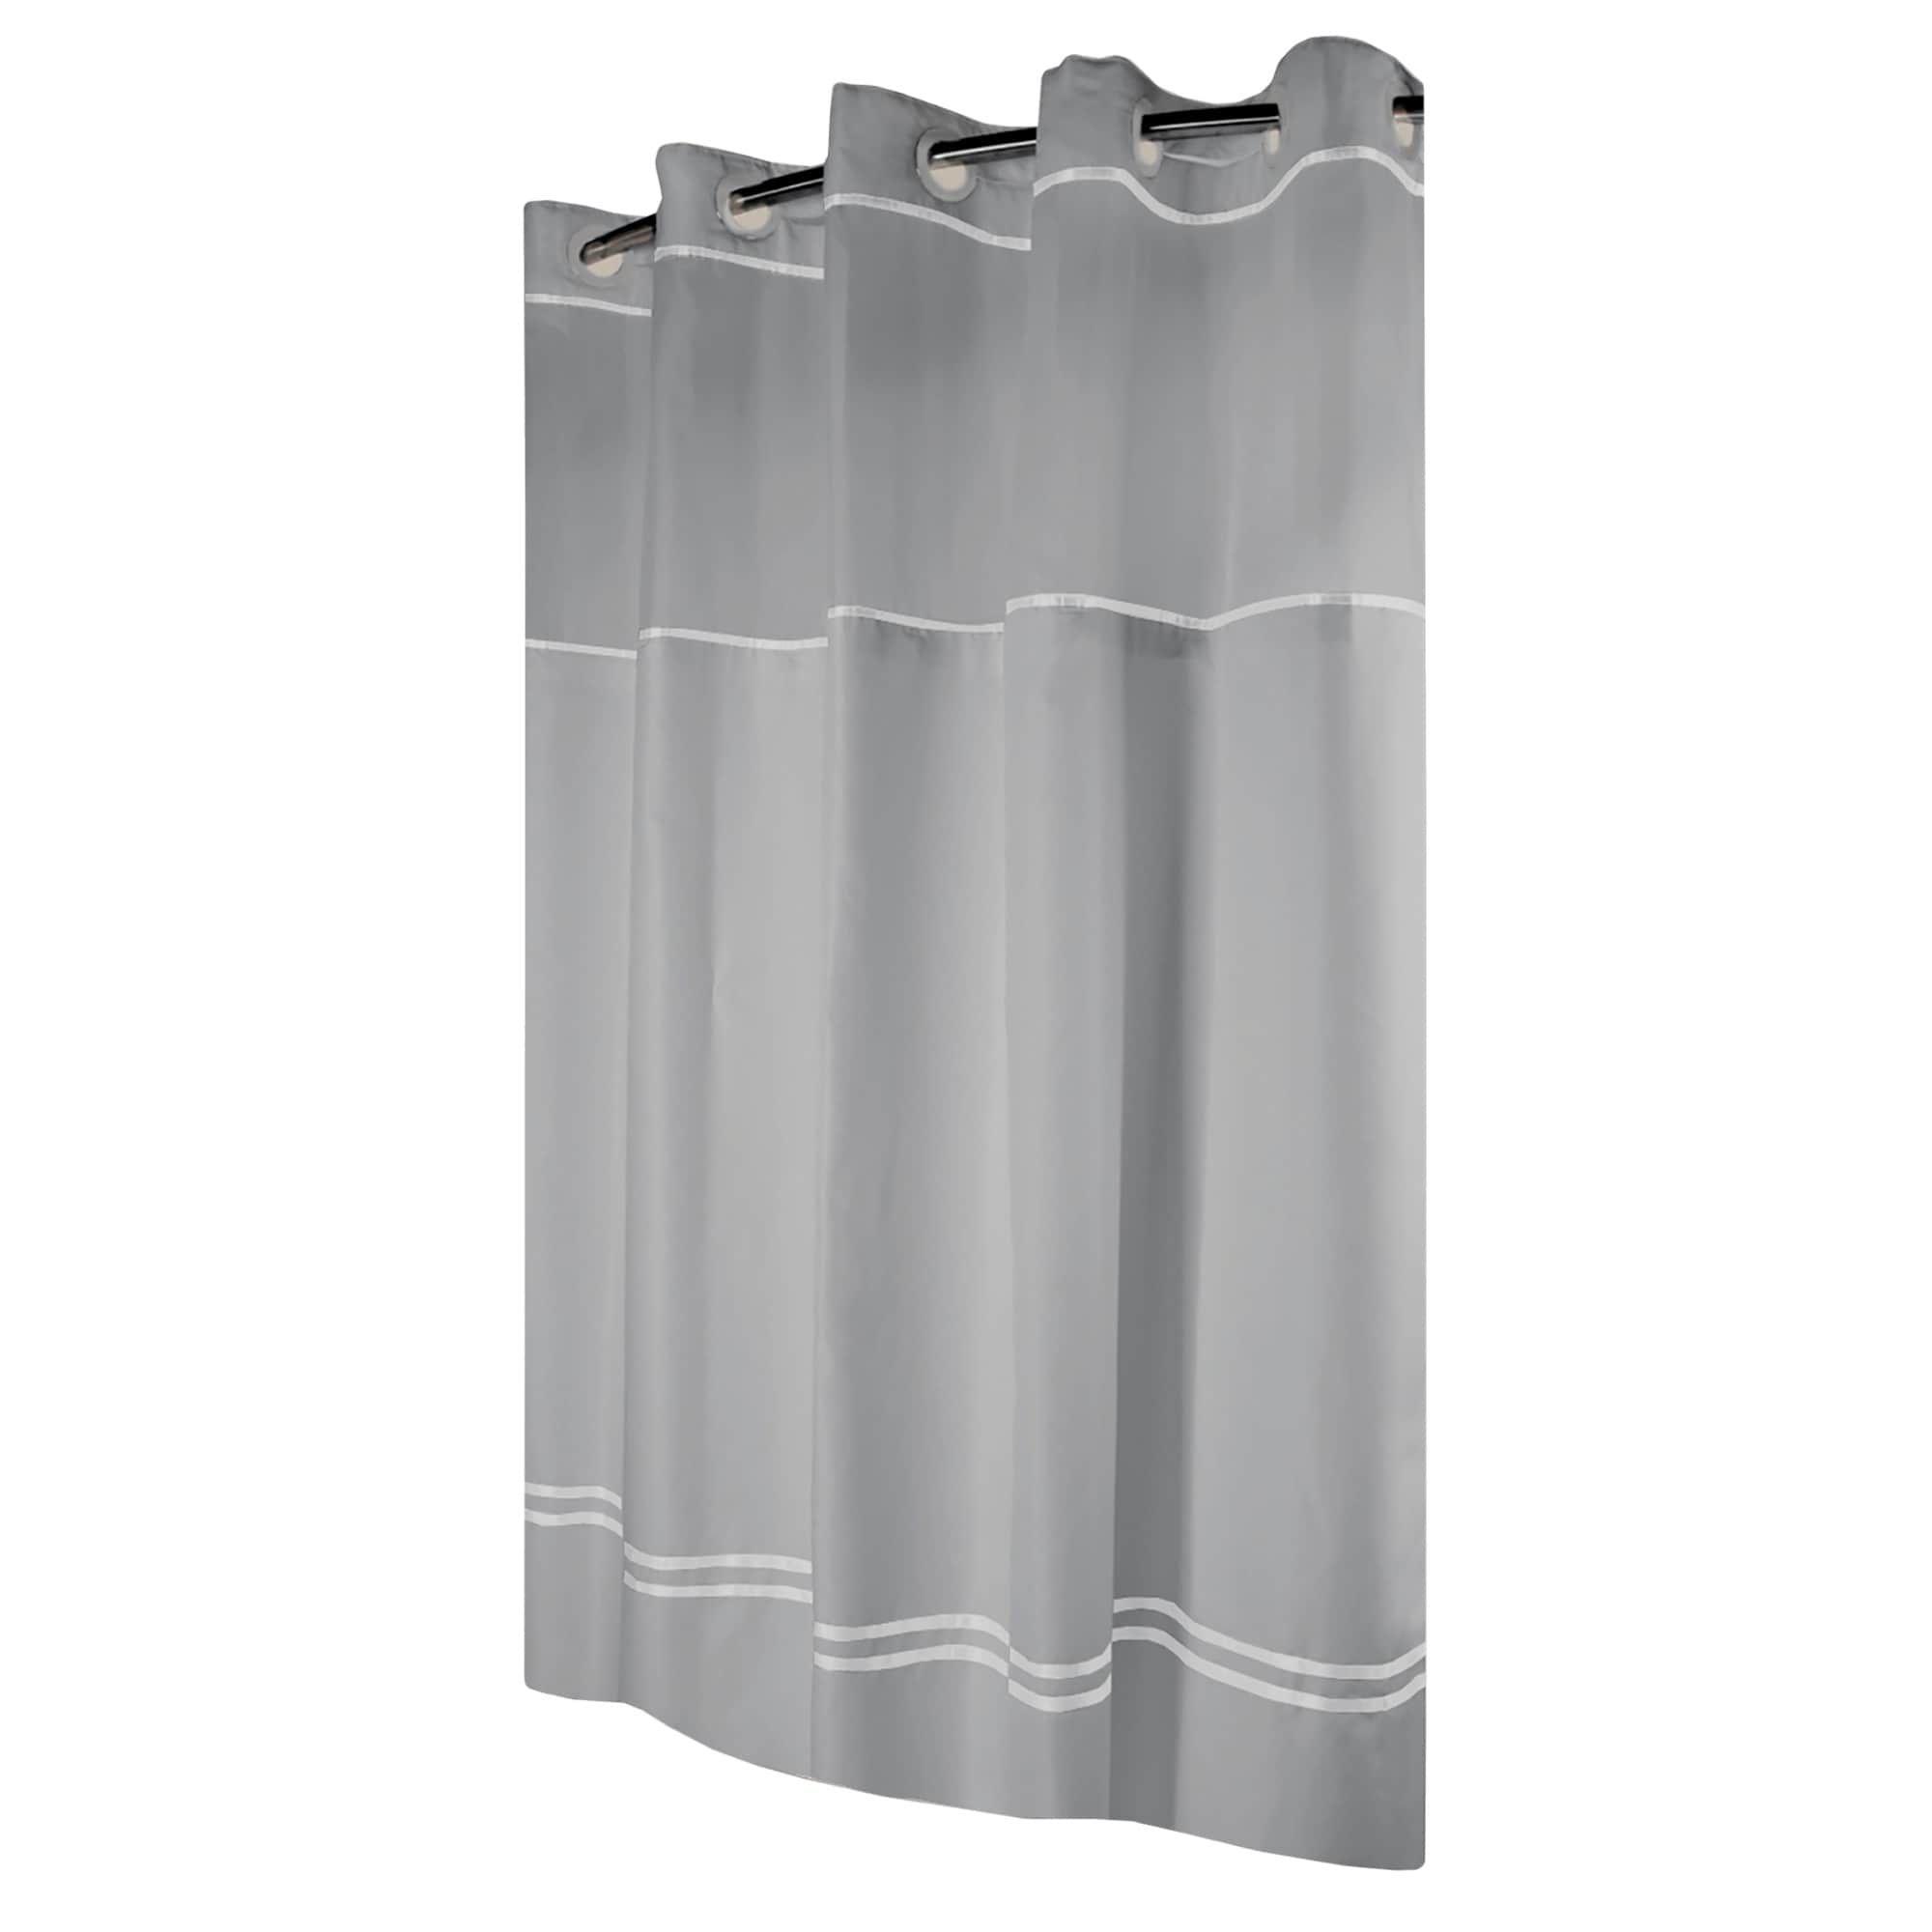 Hookless Shower Curtain Monterey Gray White White Plastic